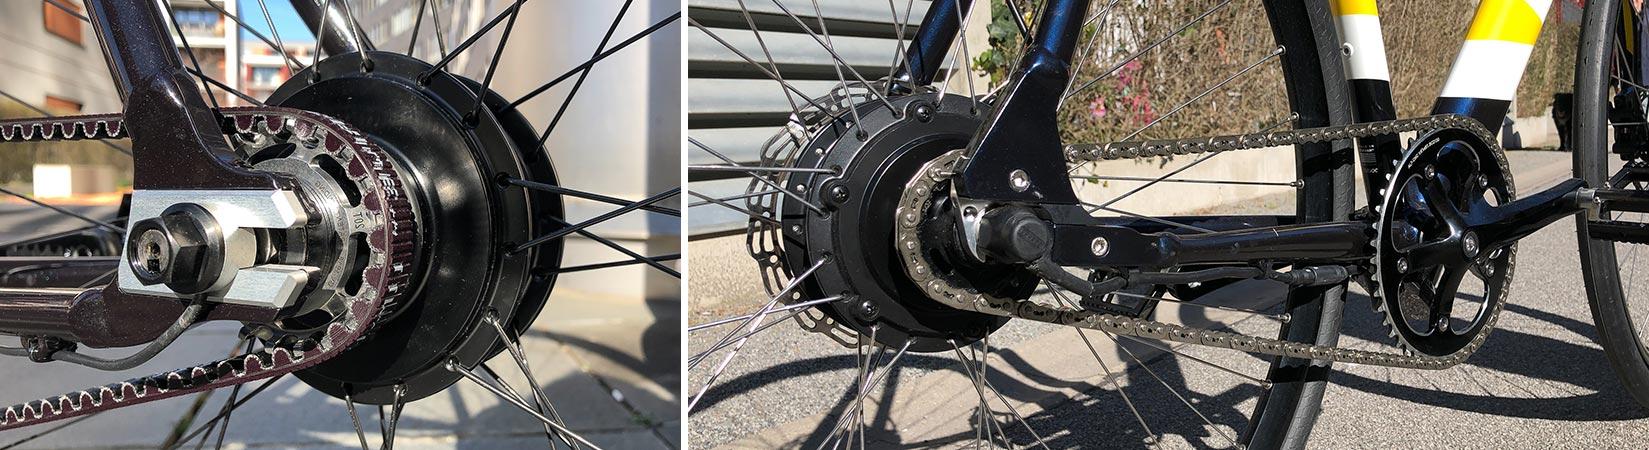 Comeback der Hinterrad-Nabenmotoren? – Leichte Urban und Gravel E-Bikes setzen auf den Hinterradmotor